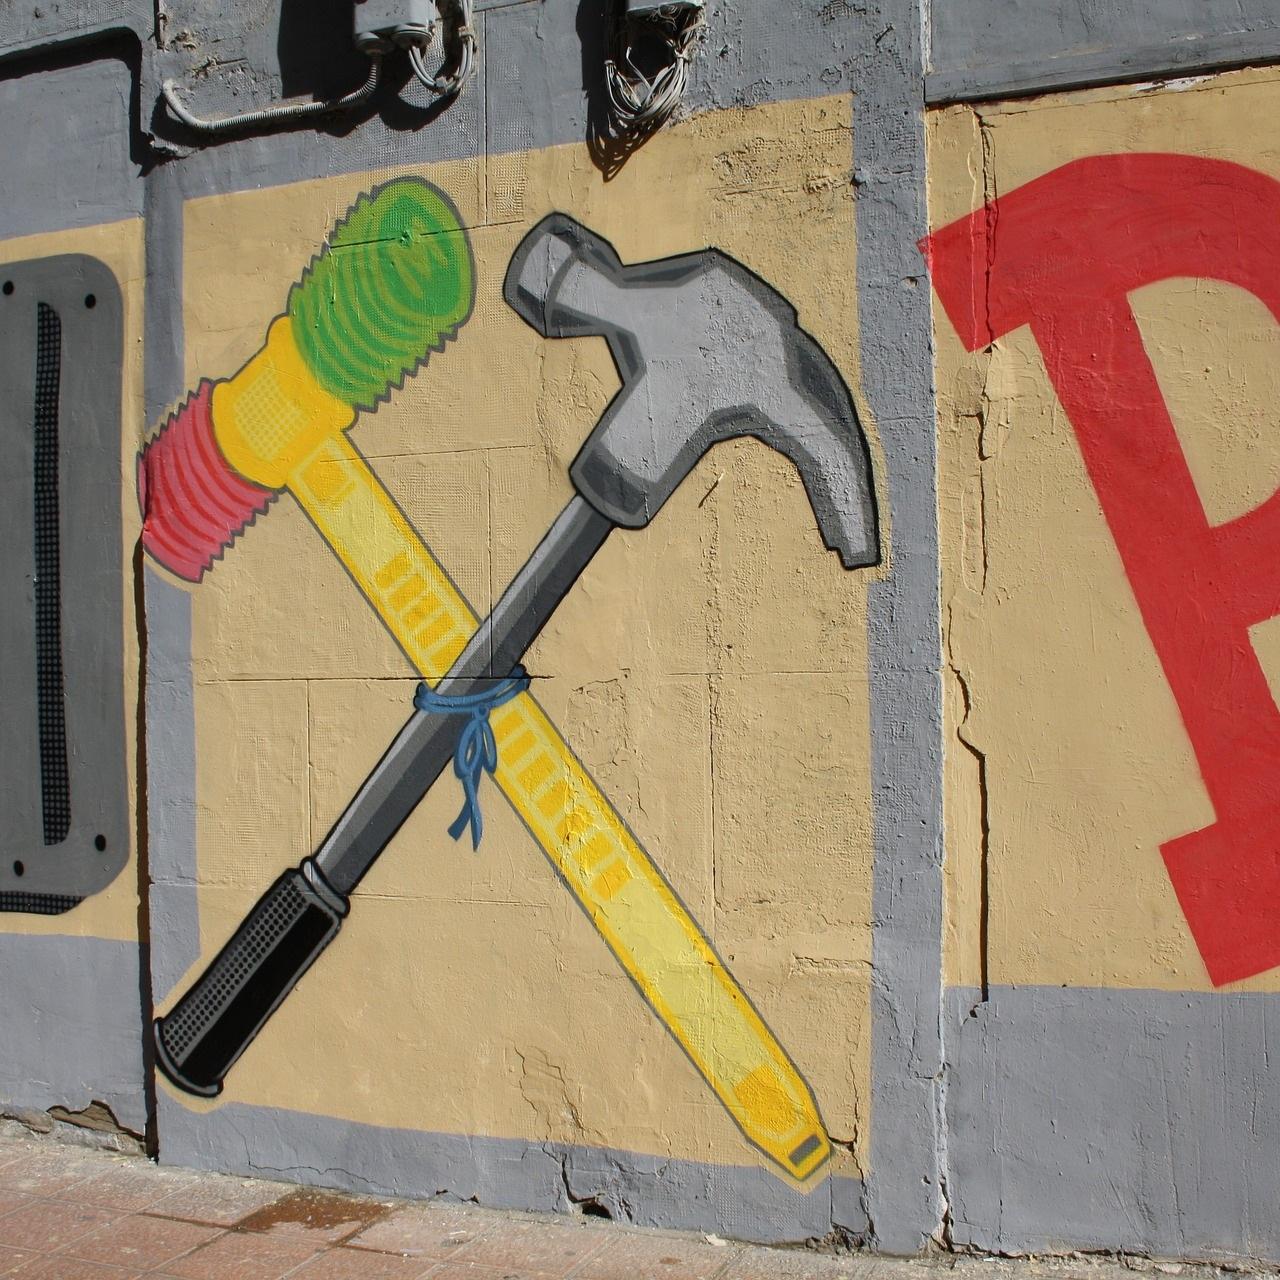 graffiti-1818859_1920.jpg